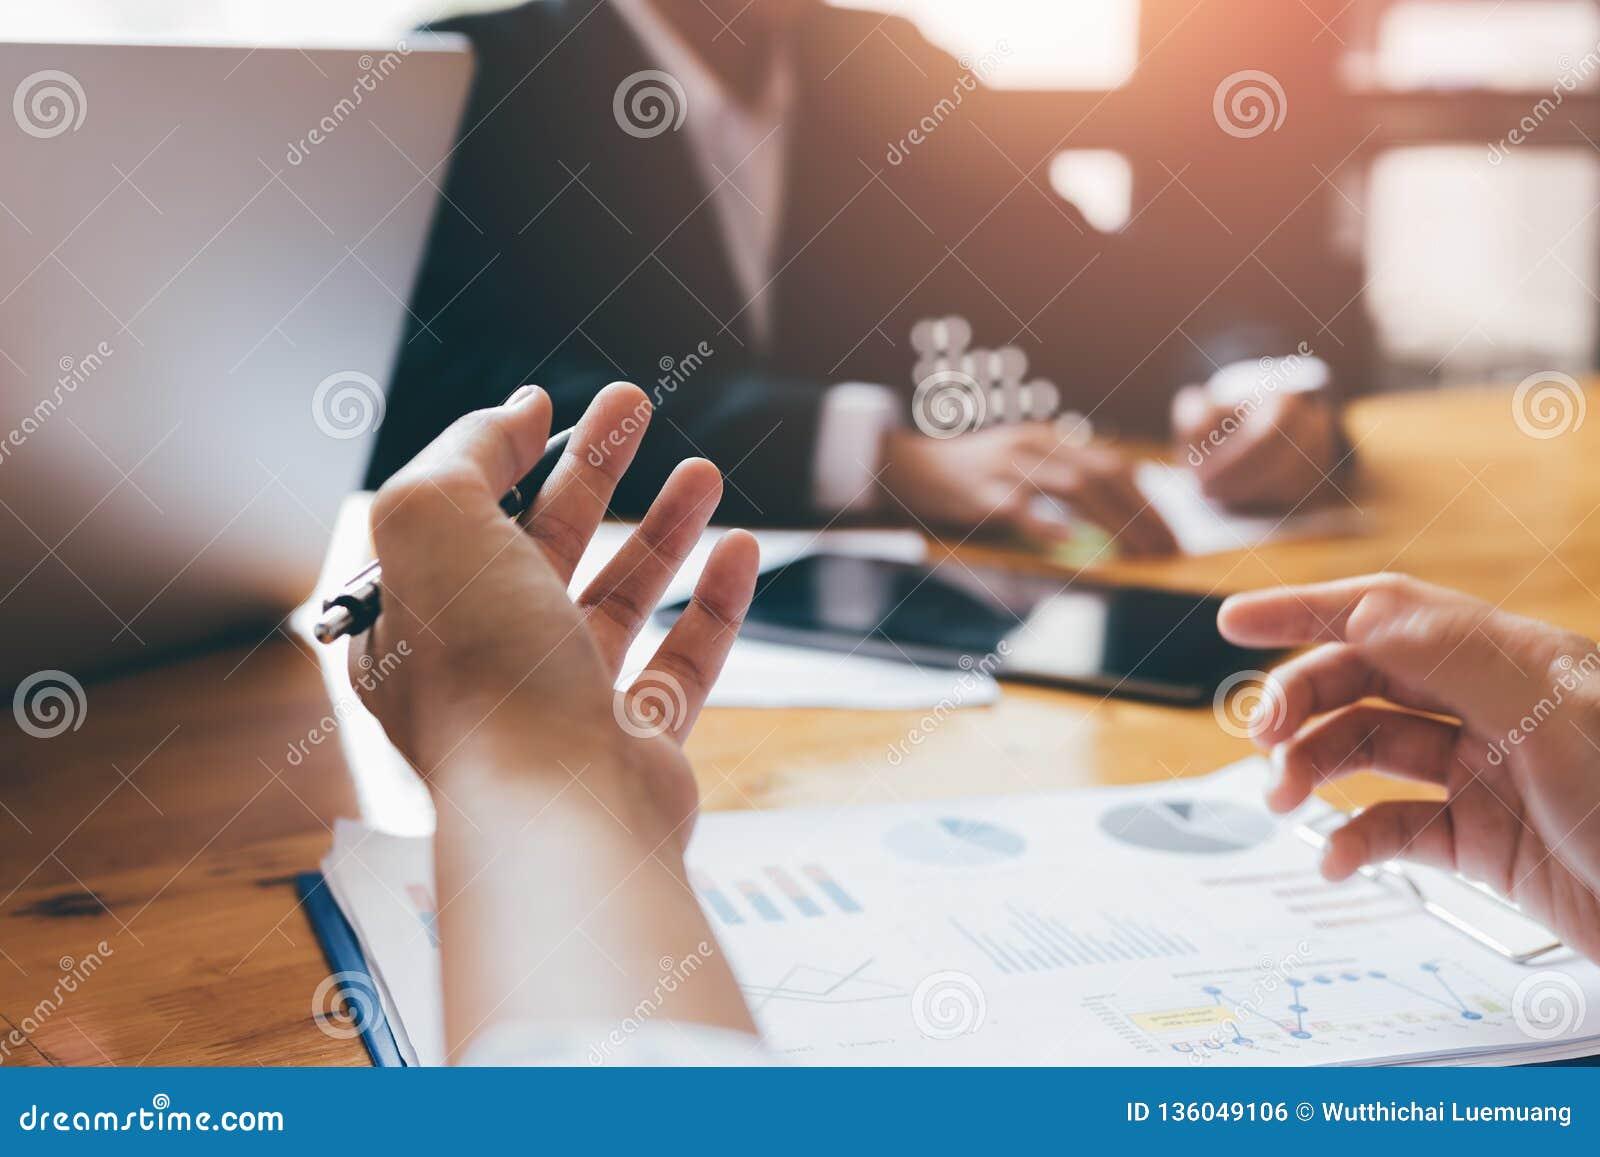 Affärsfolket debatterar i konferensrummet och arbetar på en lösning till företagsbudgeten